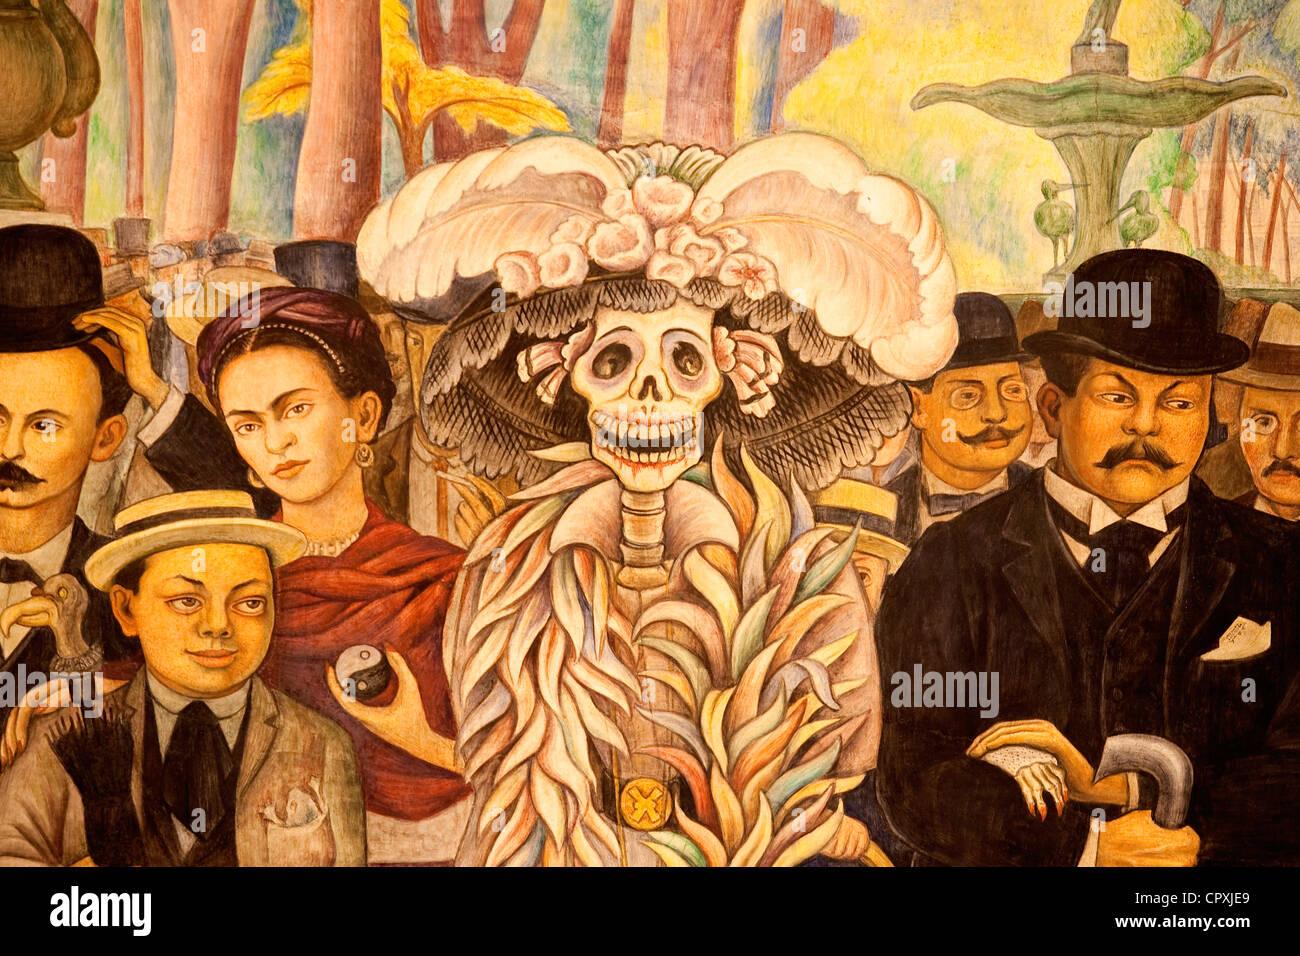 Diego rivera murals names images for El mural pelicula